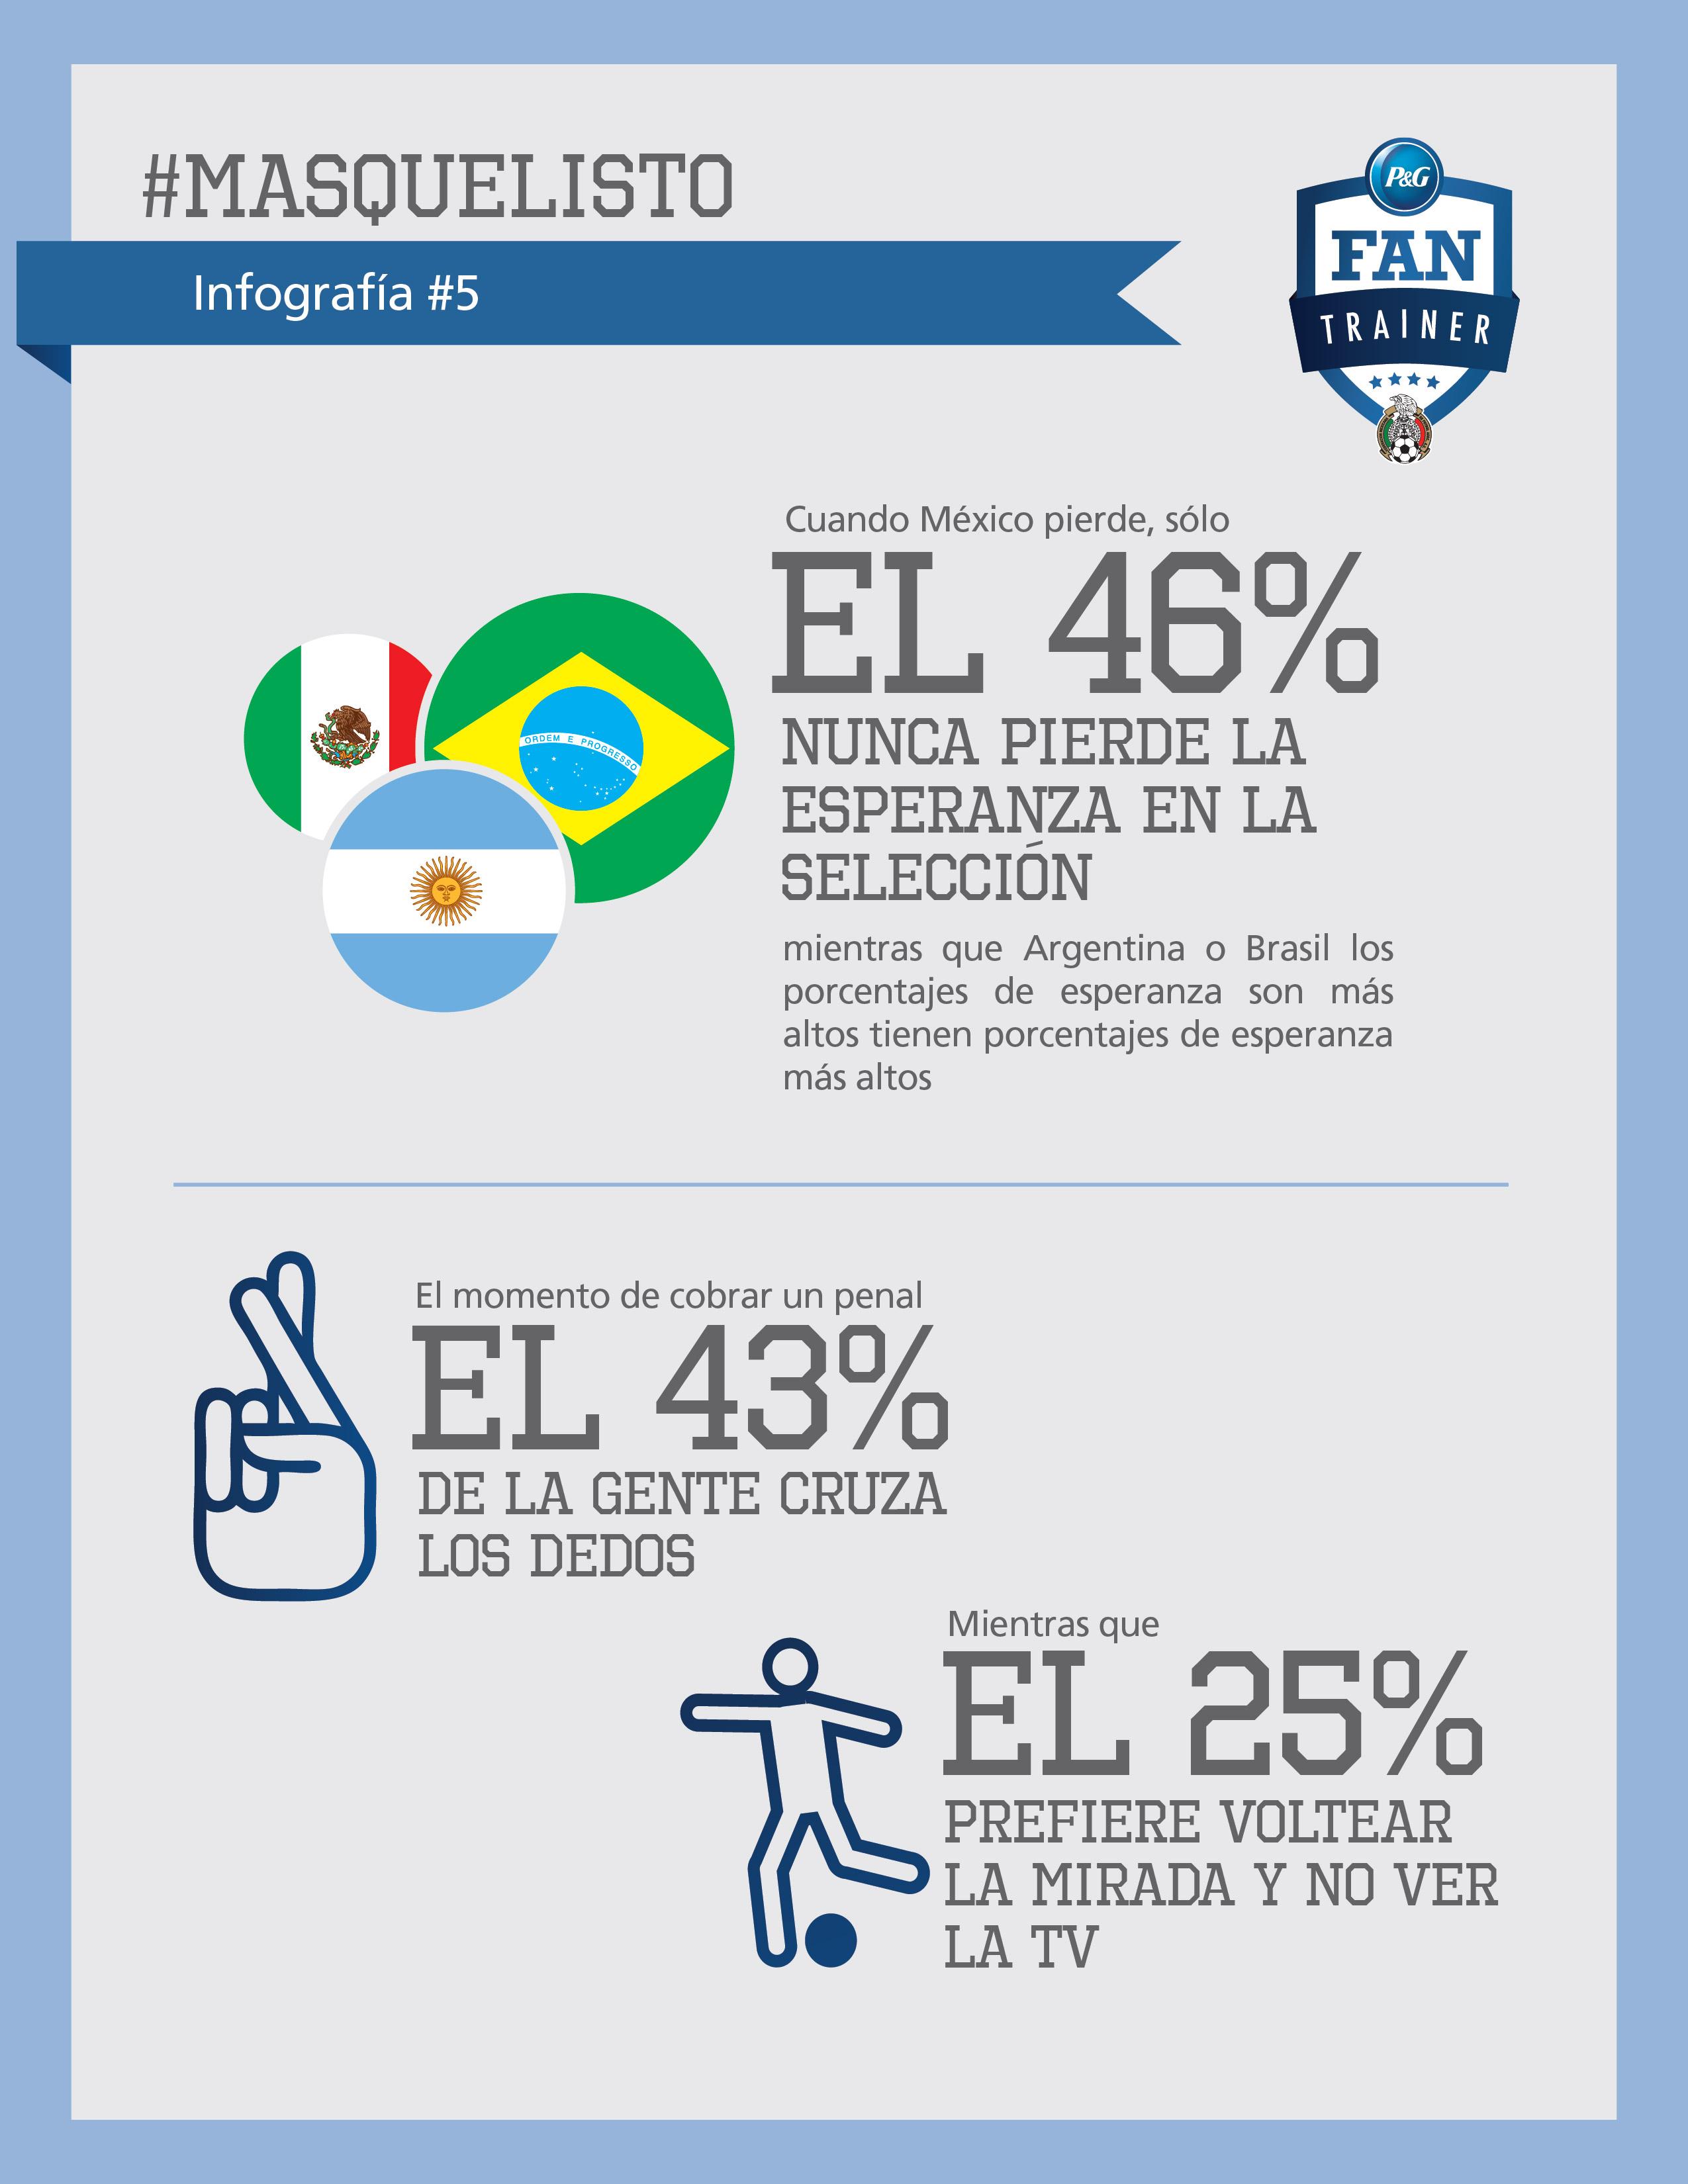 infografia_alta-05